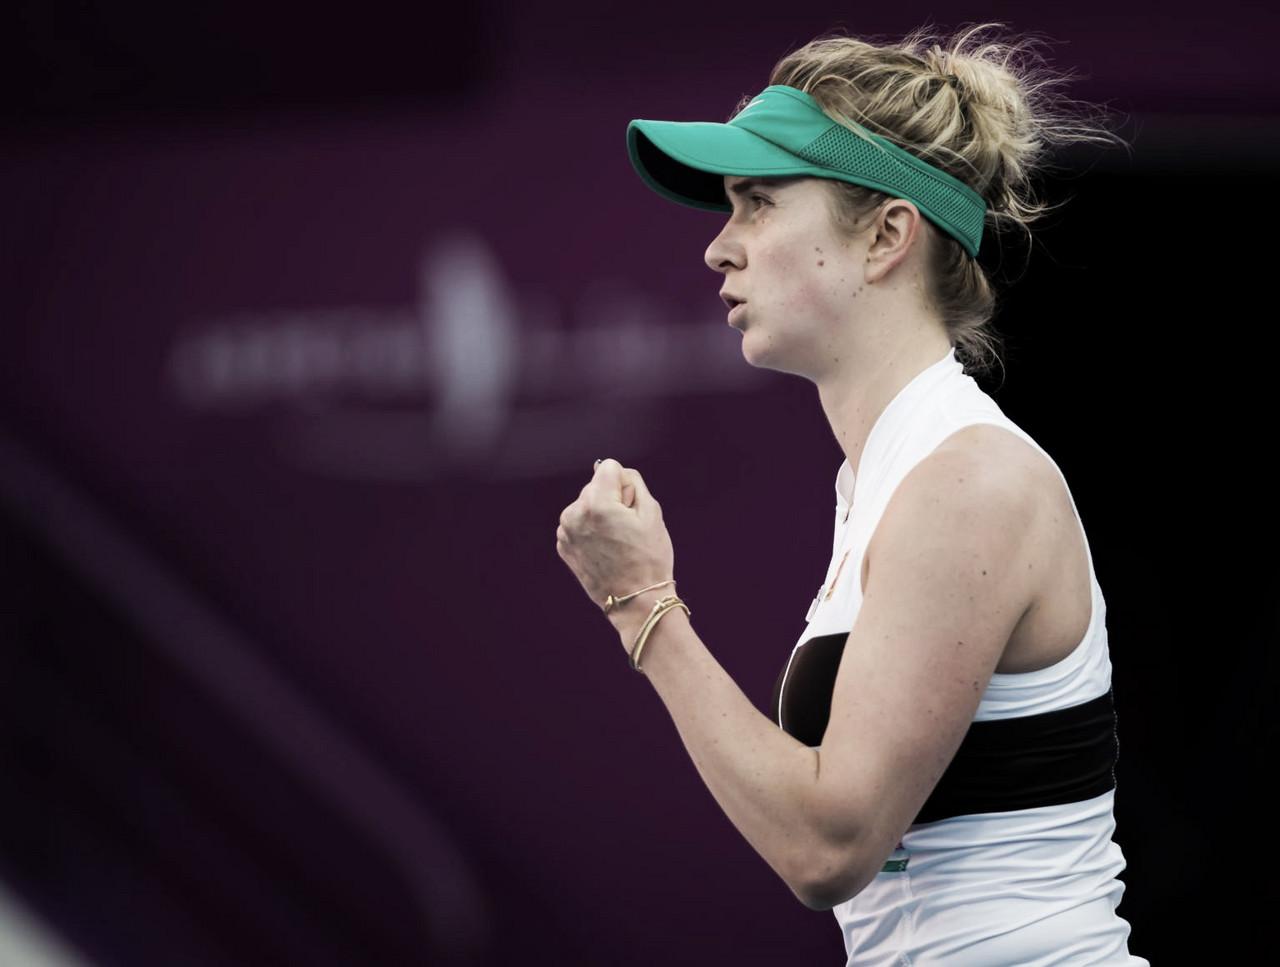 Svitolina vence Ostapenko pela primeira vez e vai às quartas em Doha